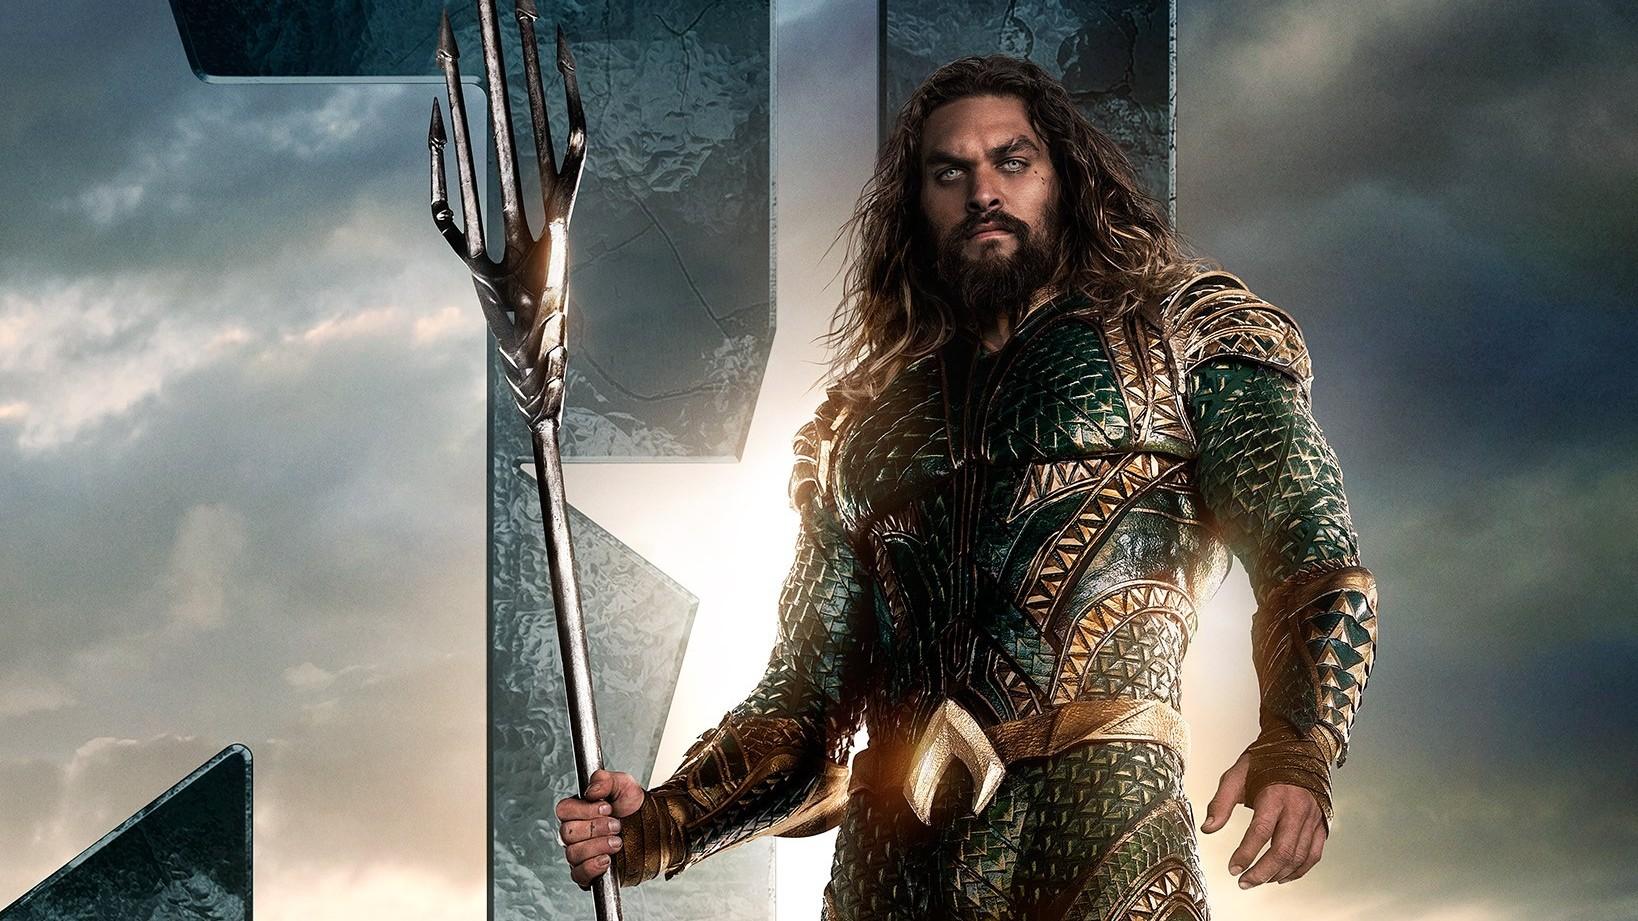 Justice League Poster Aquaman - F